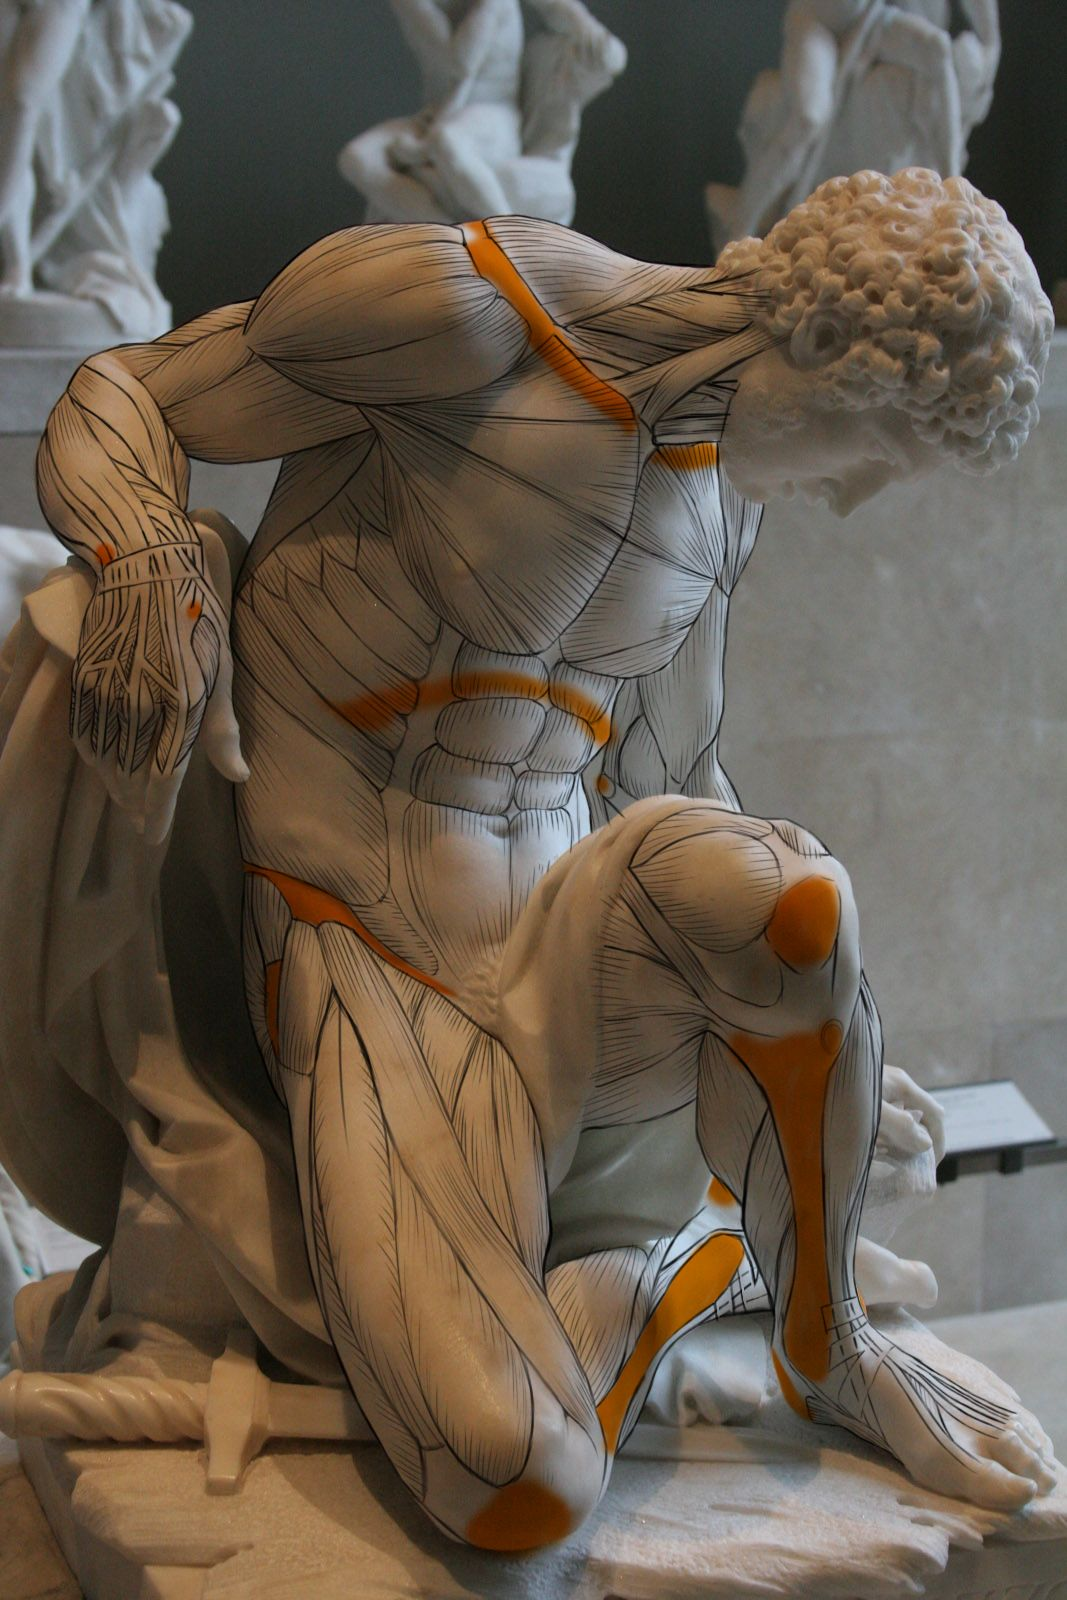 Nude (art) - Wikipedia